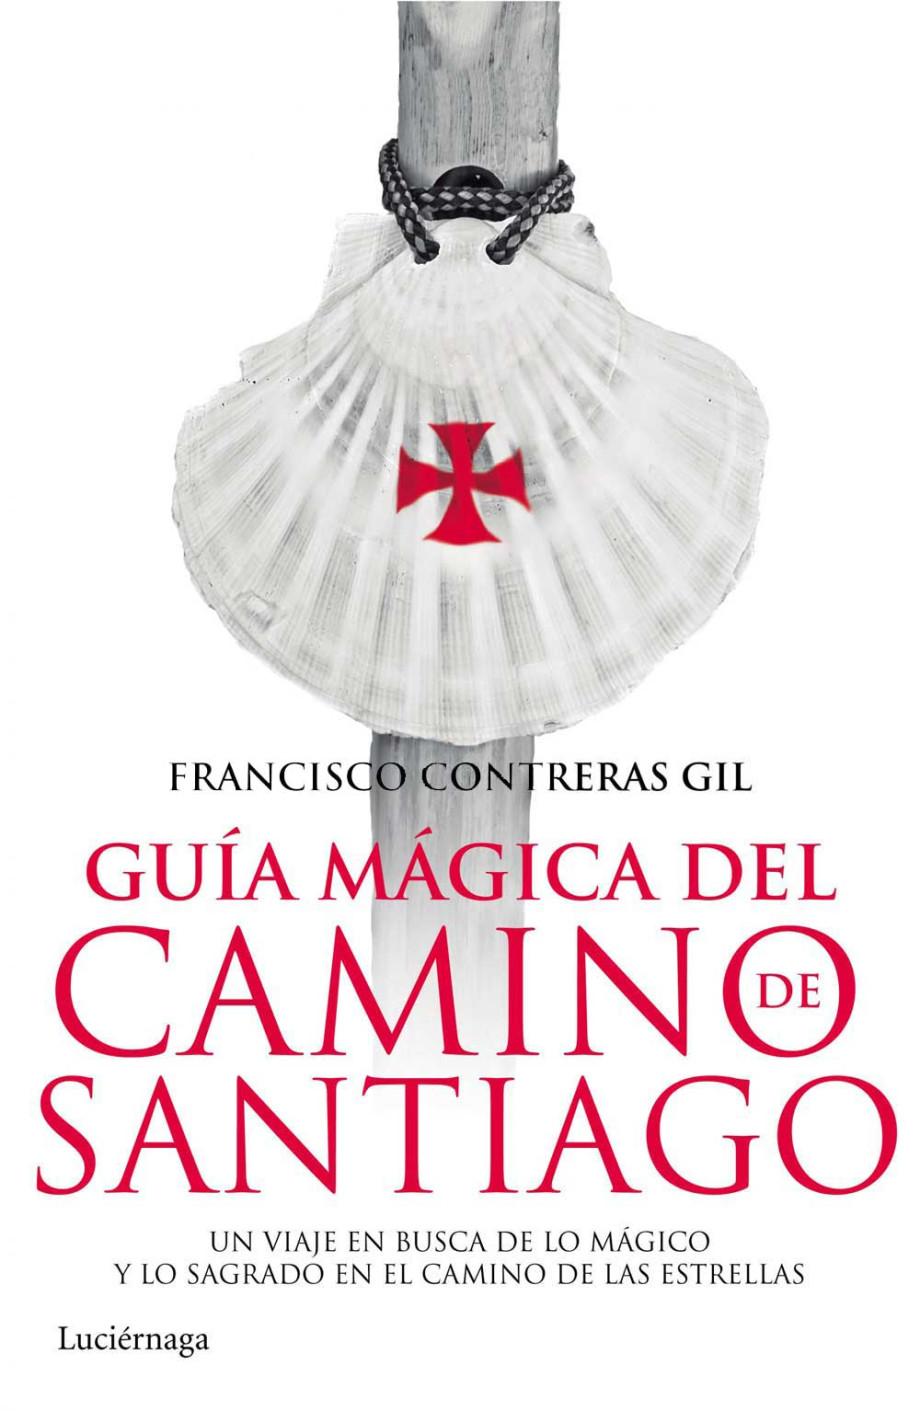 Guía mágica del Camino de Santiago. Francisco Contreras Gil